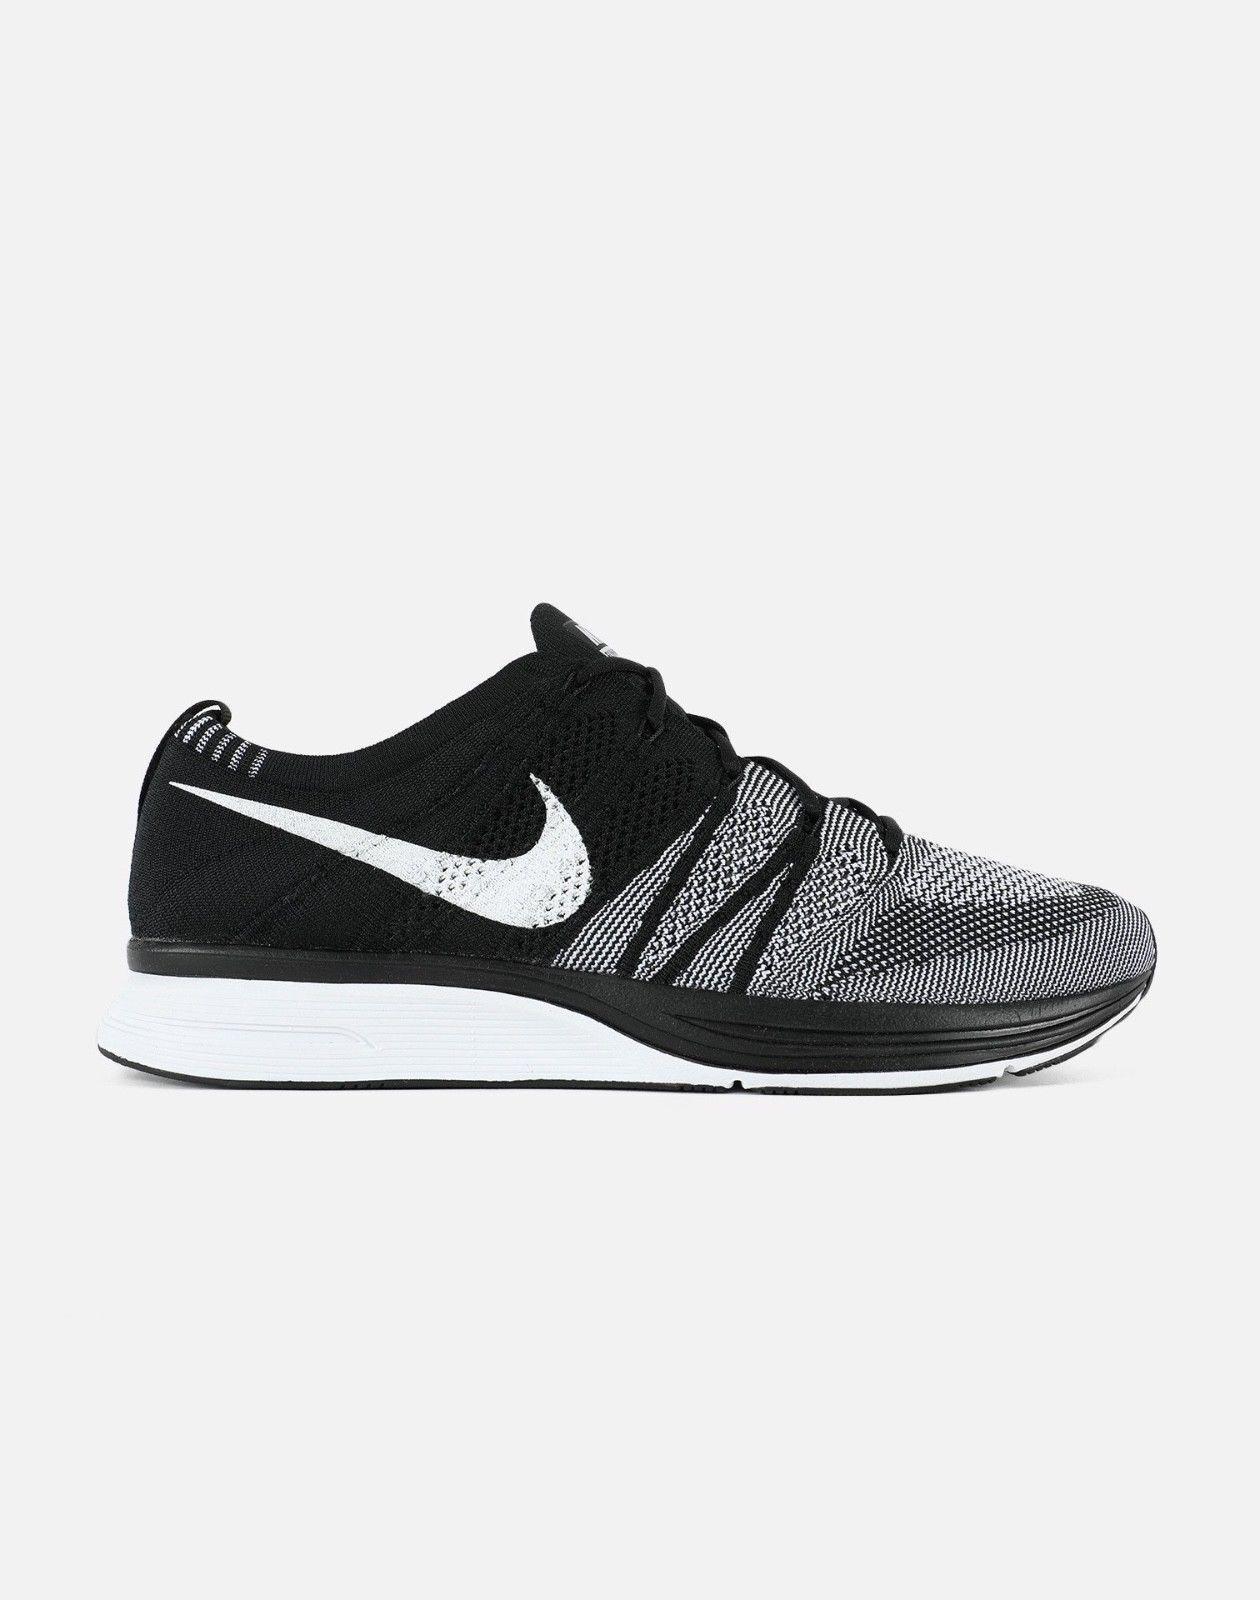 huge selection of 18f6e 7d7d4 Flyknit 2018 Nike Trainer Negro Blanco Oreo ah8396-005 reduccion reduccion  reduccion de precio el